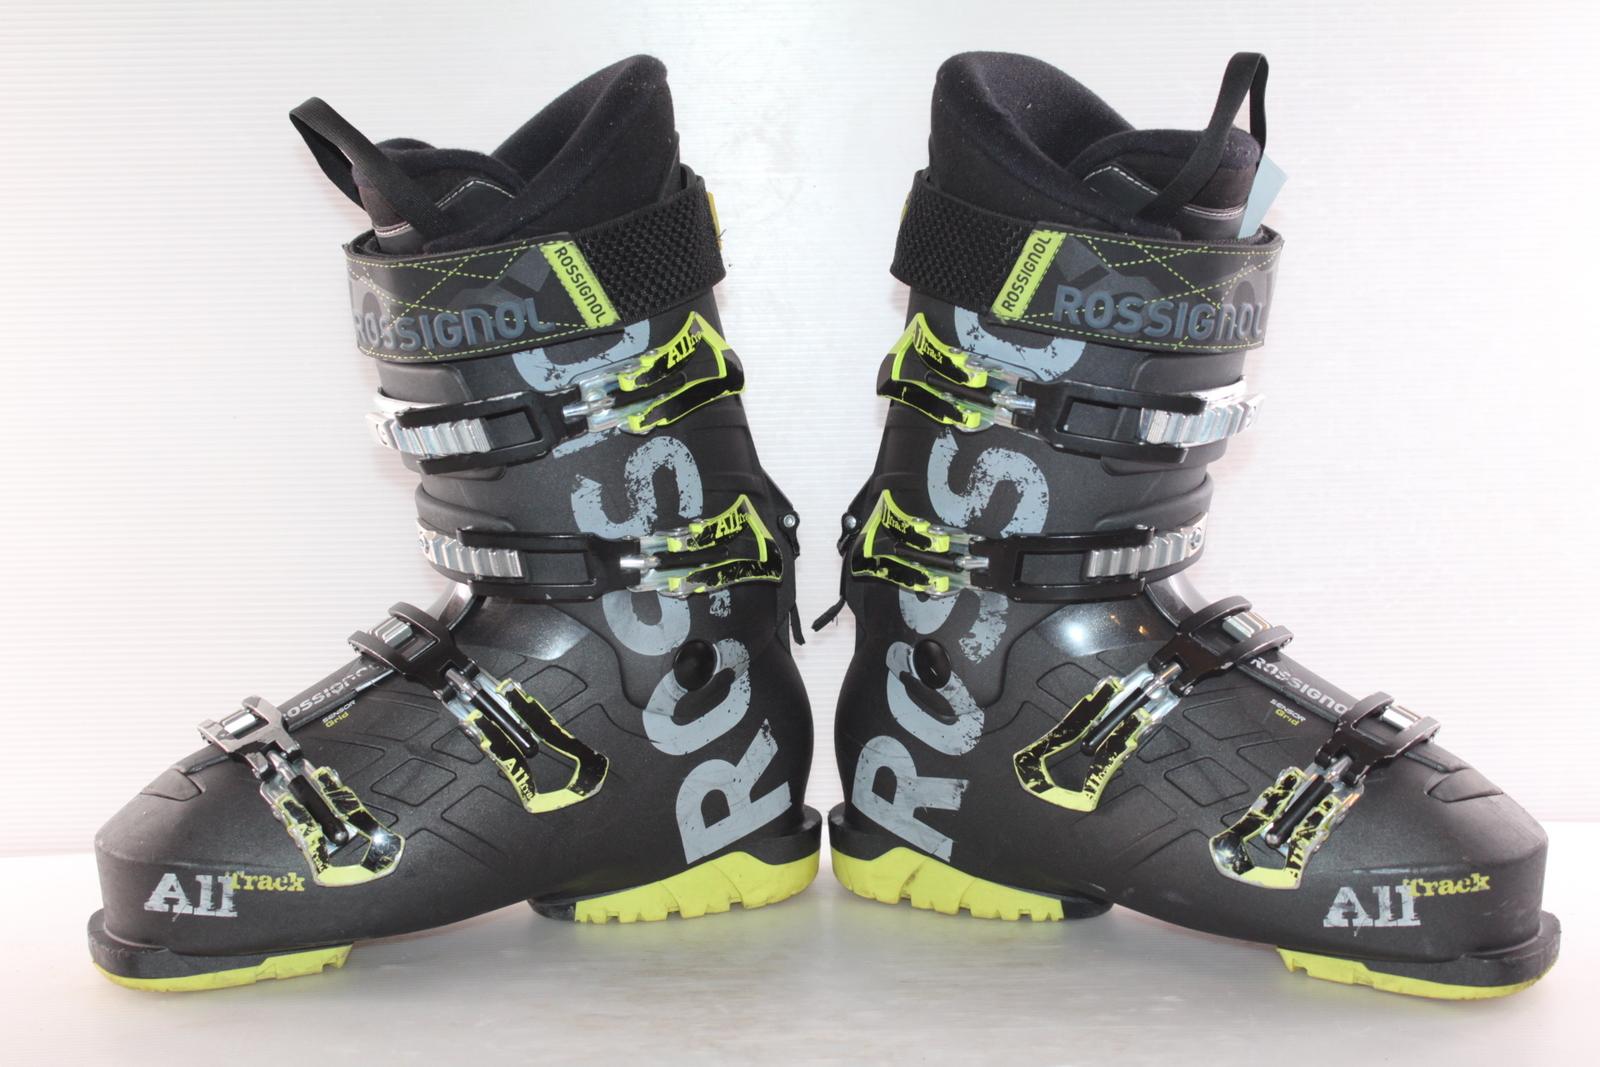 Lyžařské boty Rossignol All Track vel. EU41